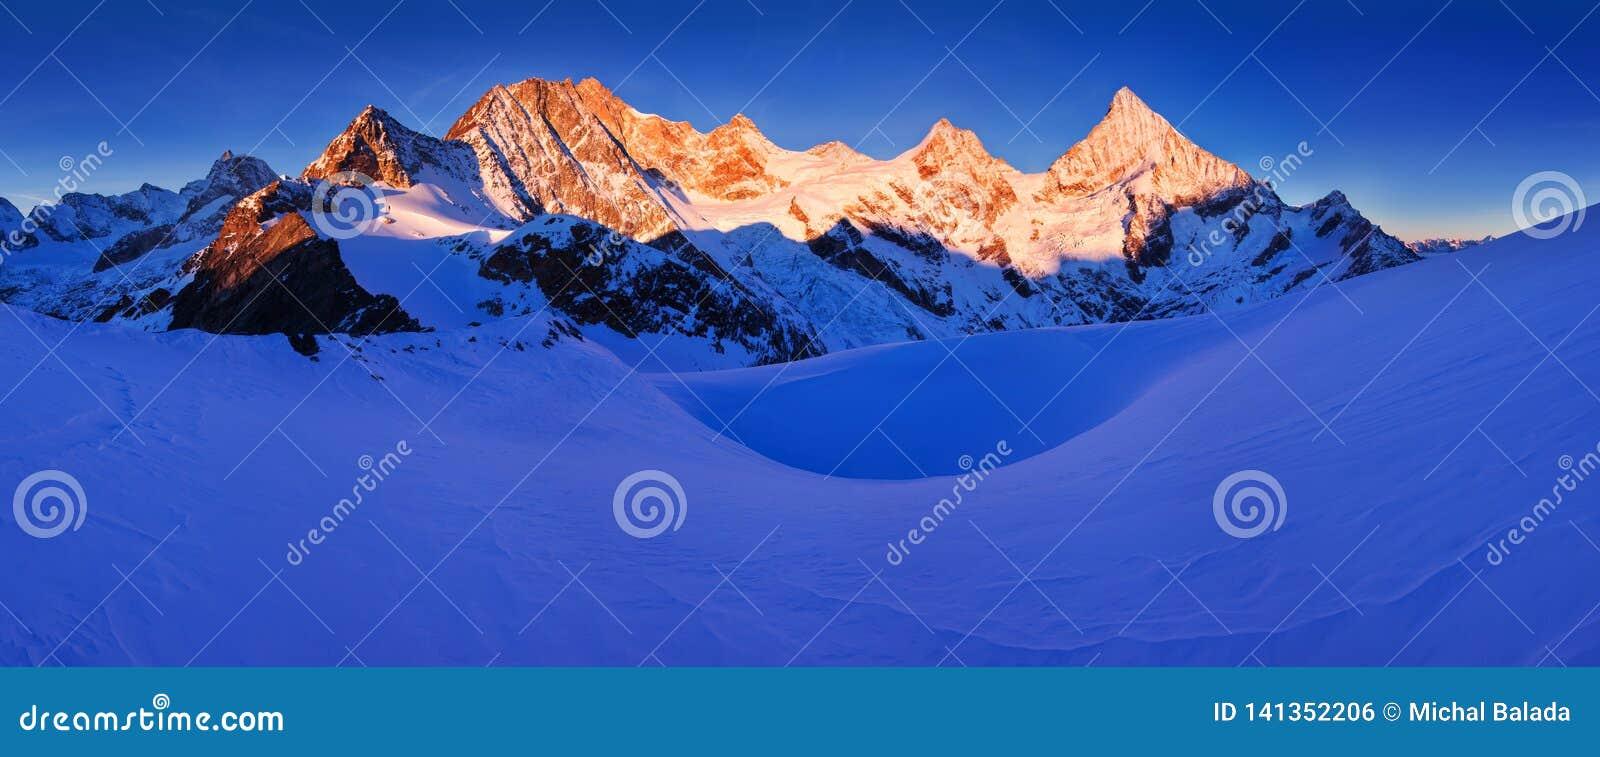 Ansicht des Schnees umfasste Landschaft mit Einbuchtung Blanche-Bergen und Weisshorn-Berg in den Schweizer Alpen nahe Zermatt Pan